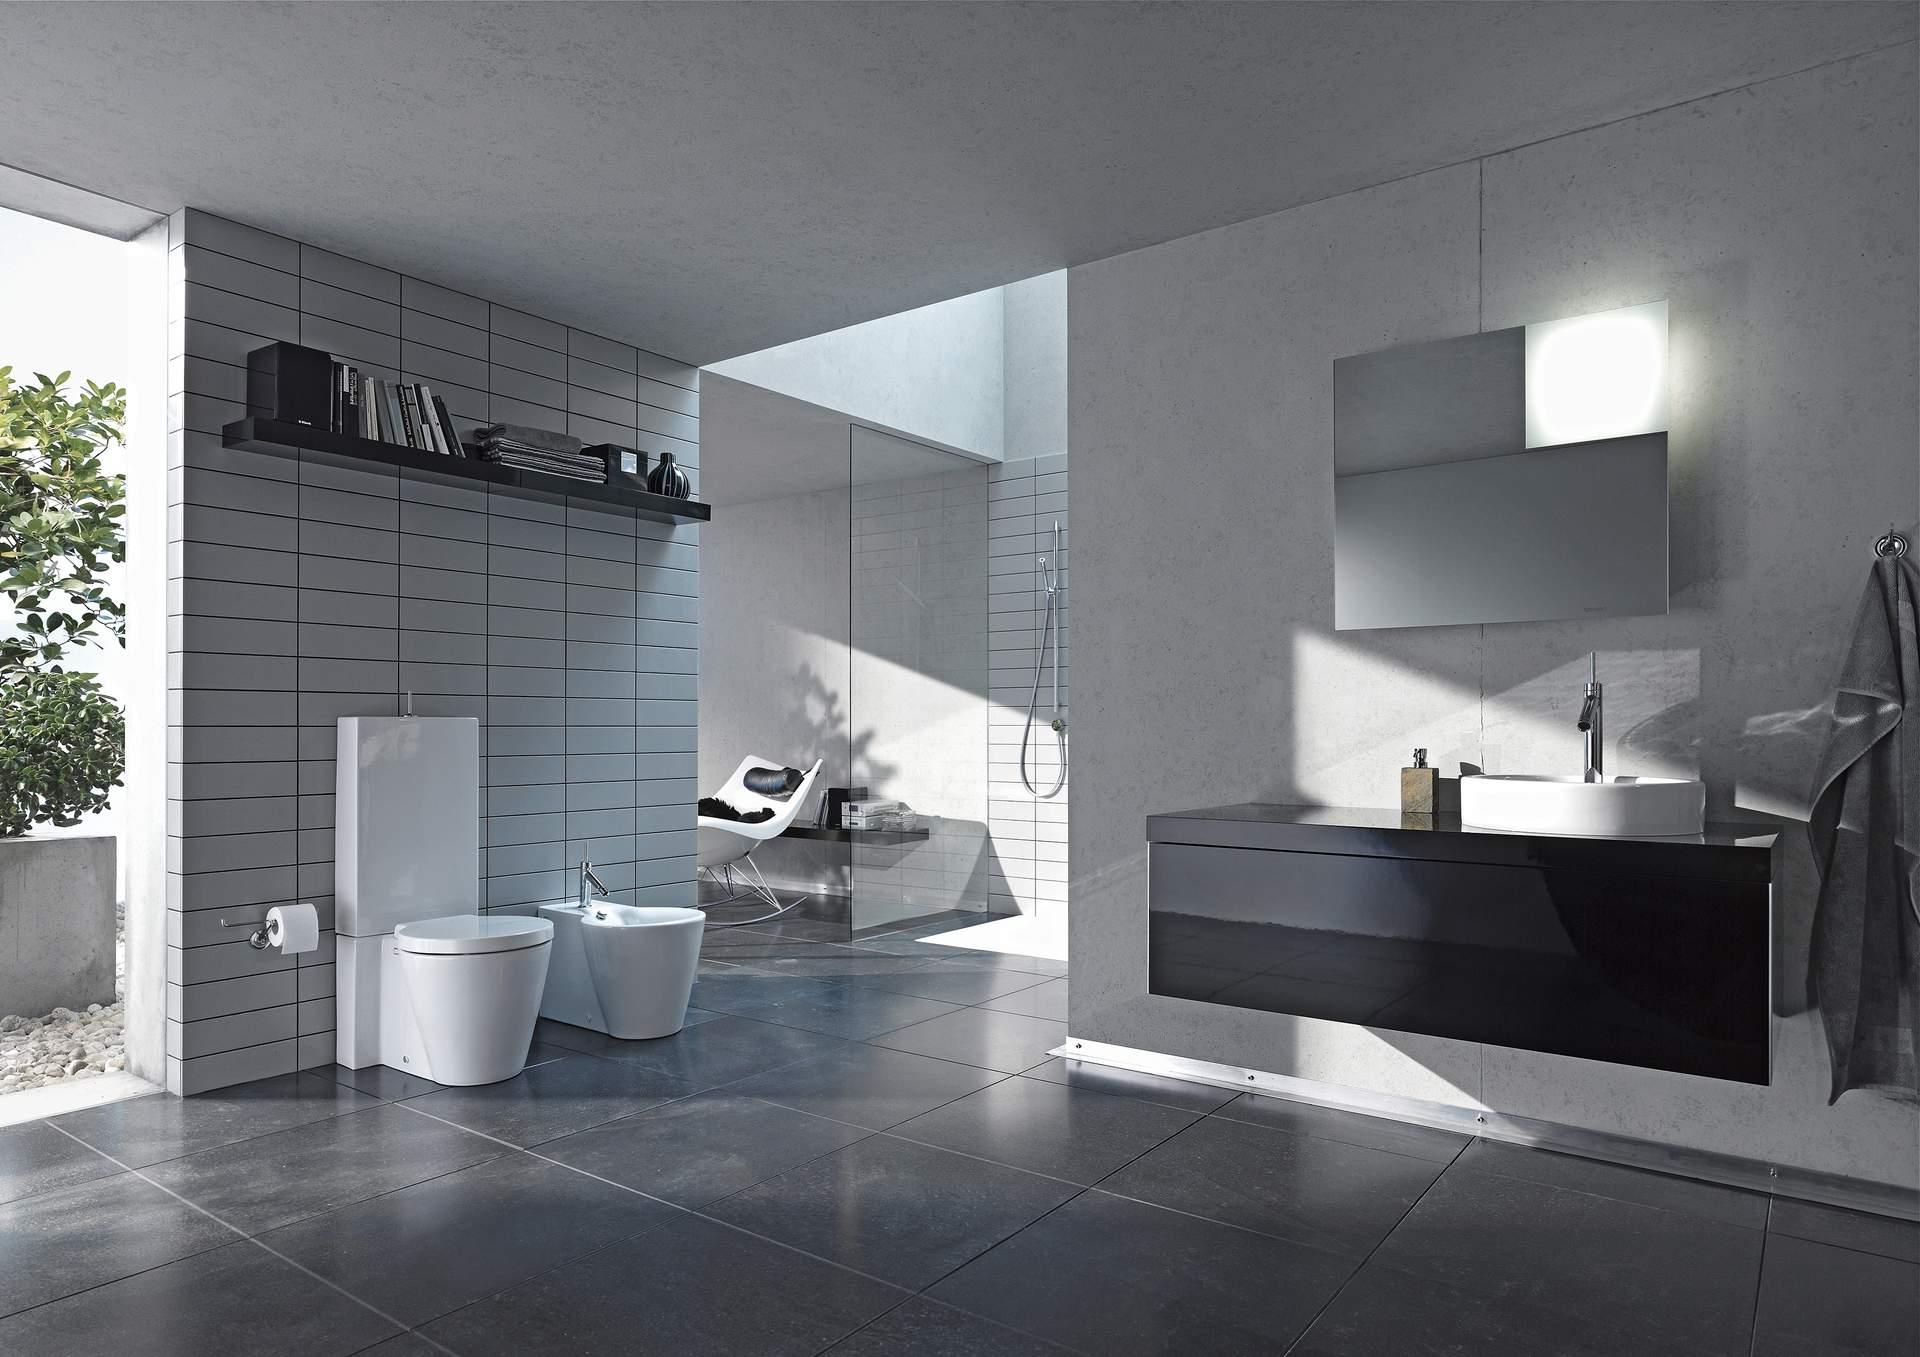 新时代厕所革命 智能马桶盖该如何选购?